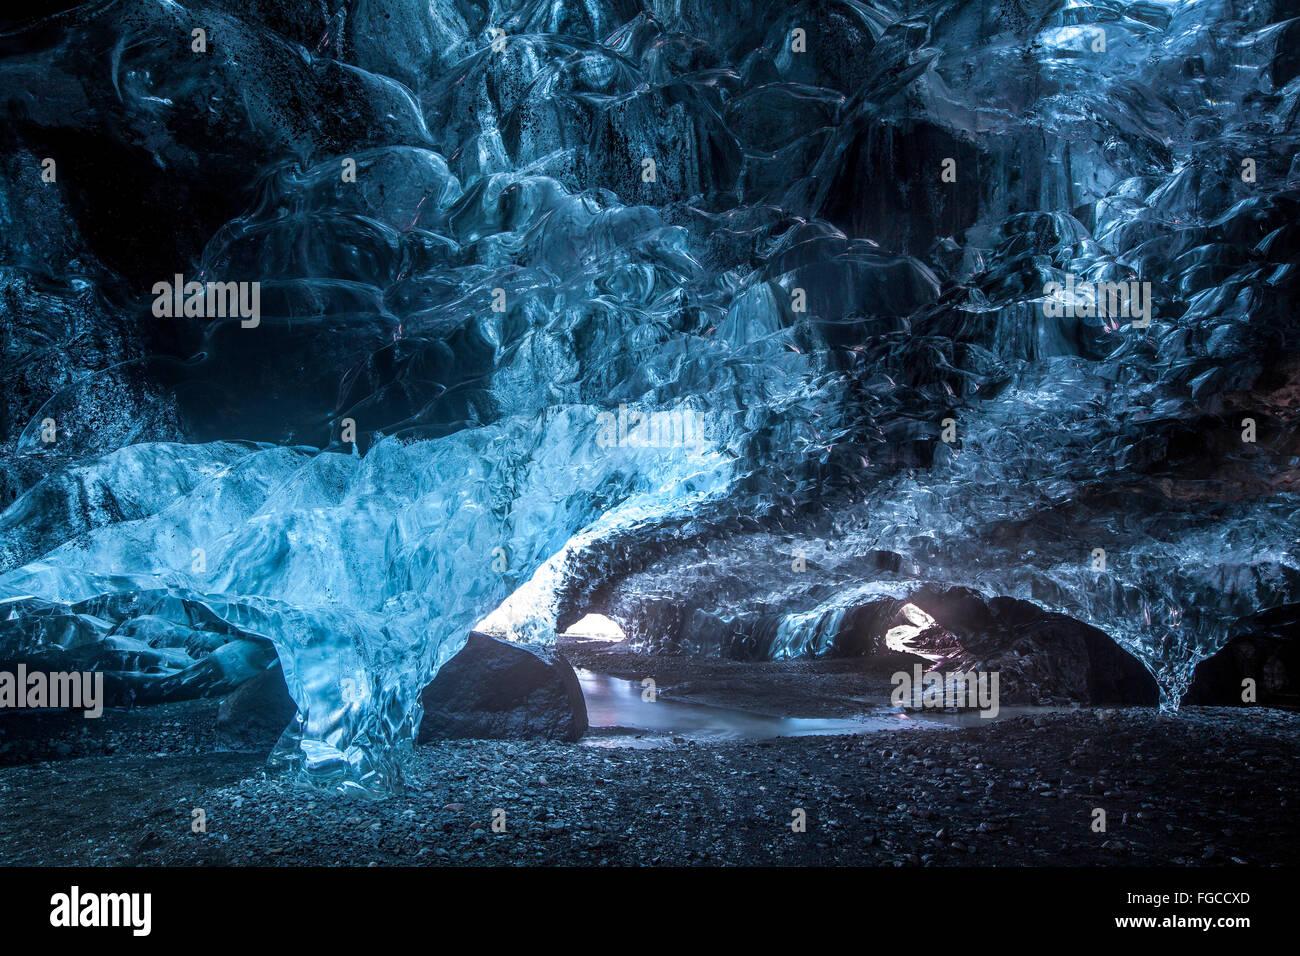 Grotta di ghiaccio sotto il Vatnajökull, Regione meridionale Islanda Foto Stock